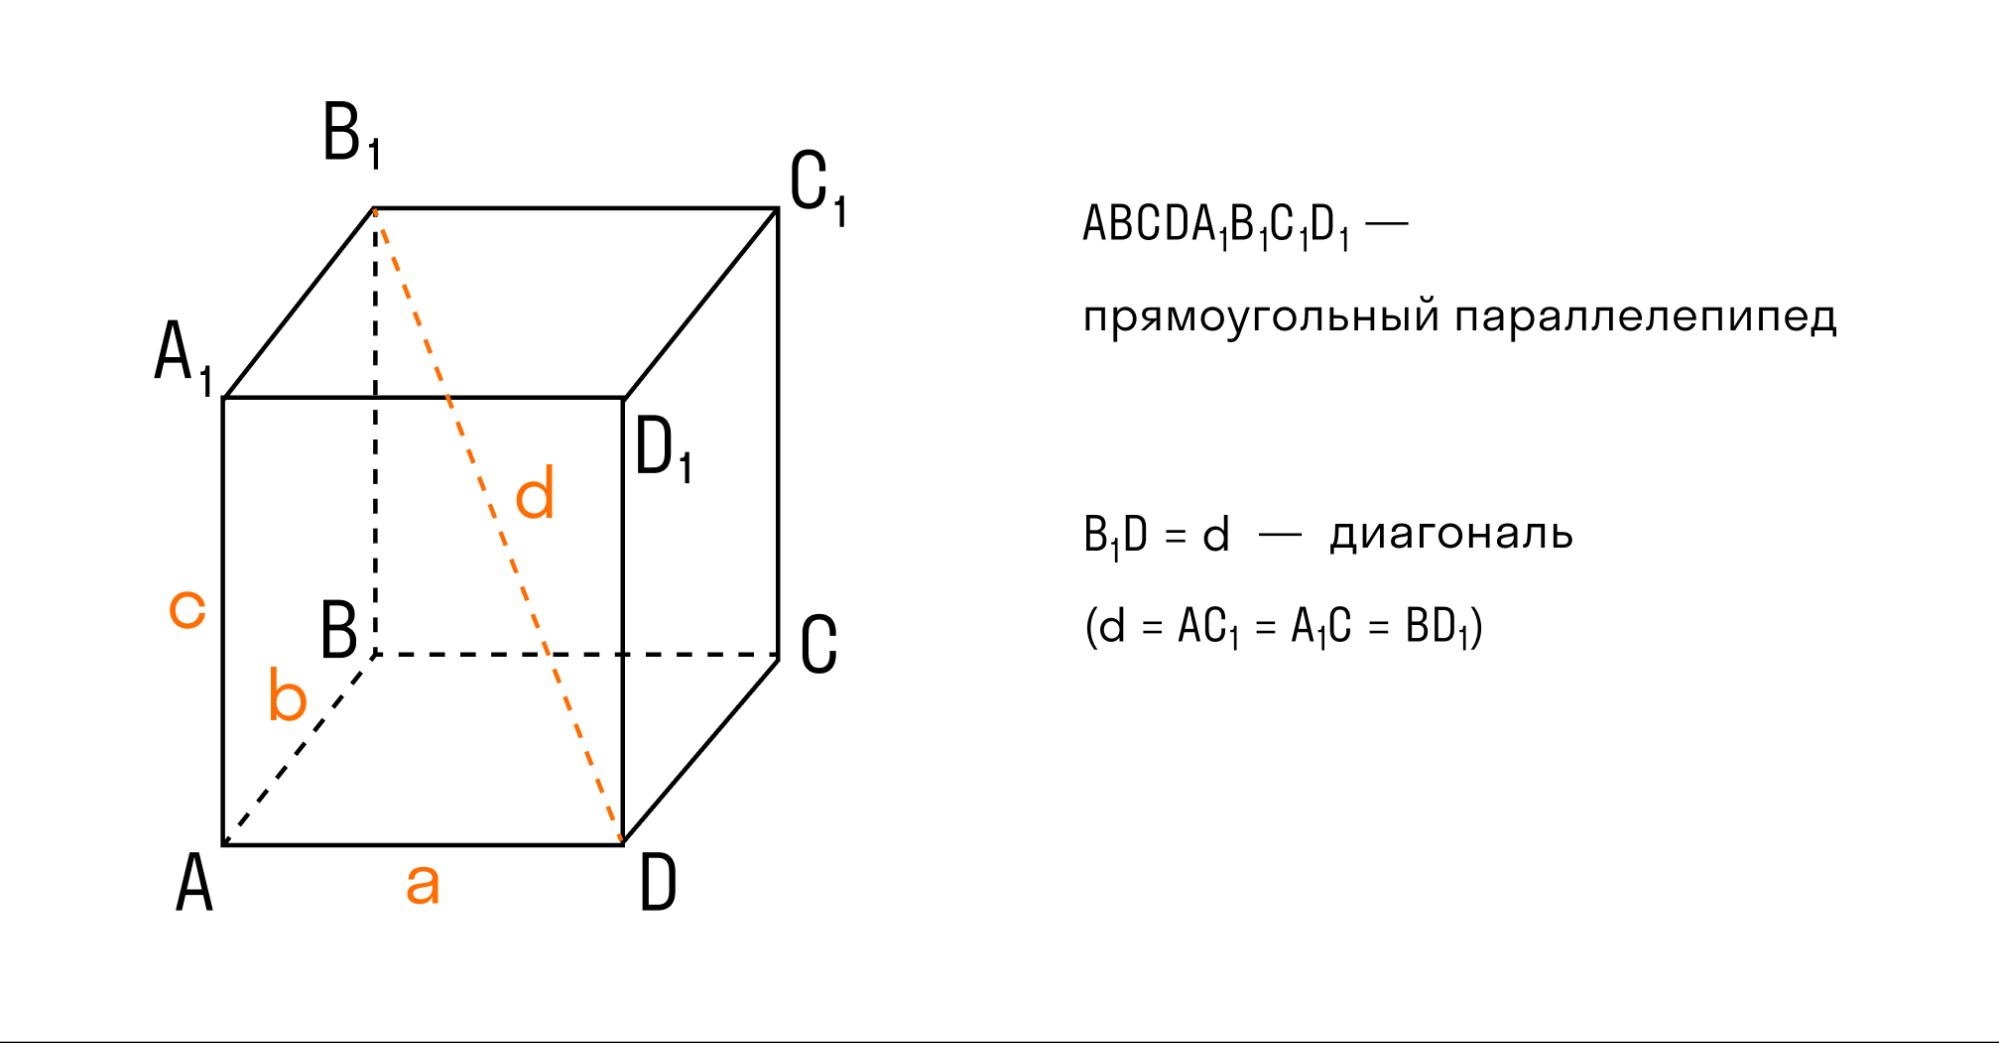 Диагональ прямоугольного параллелепипеда